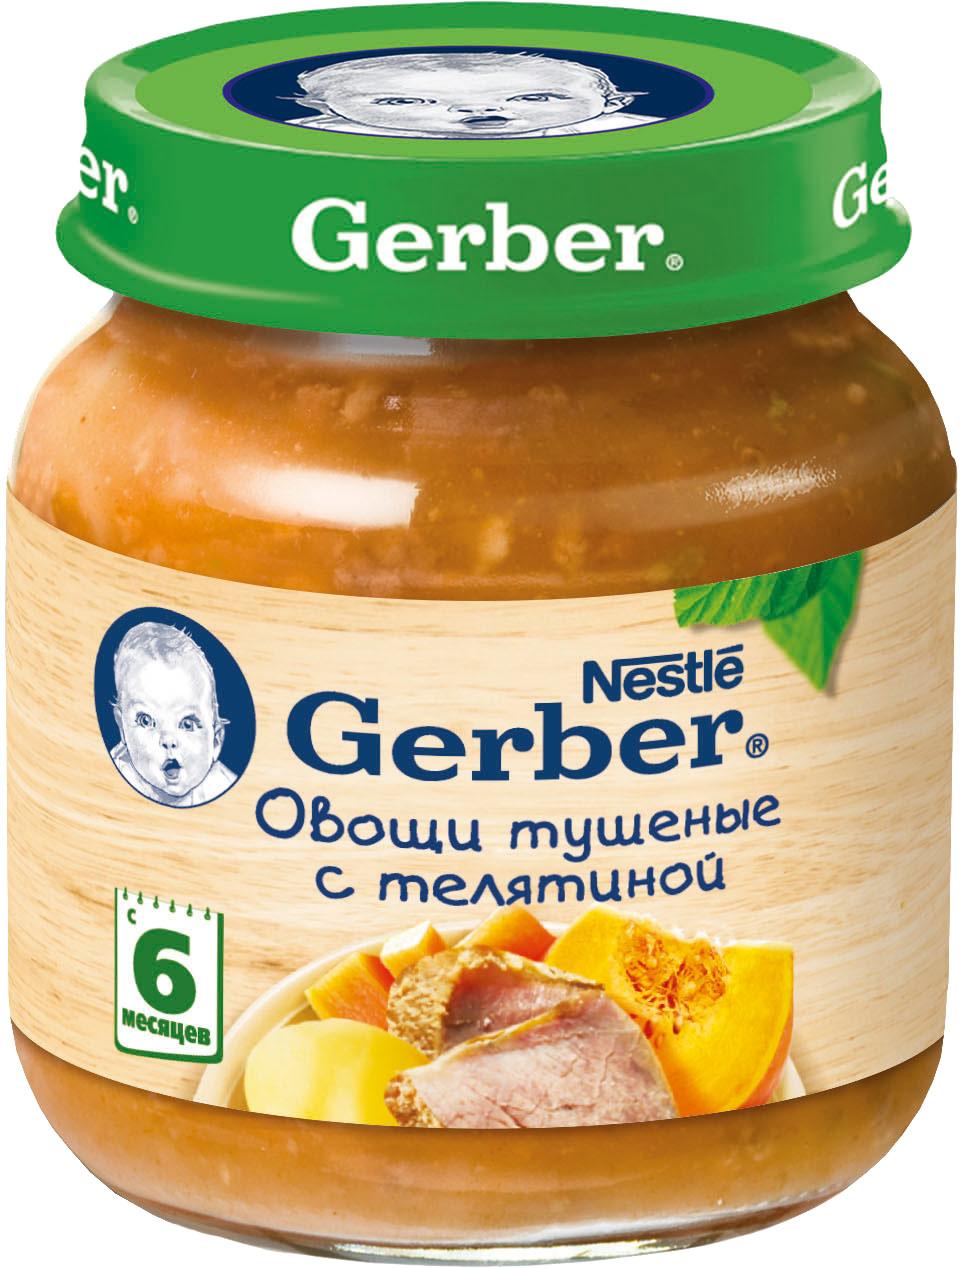 Мясное Gerber Gerber Овощи тушеные с телятиной (с 6 месяцев) 130 г gerber пюре овощи тушеные с телятиной с 6 месяцев 12 шт по 130 г